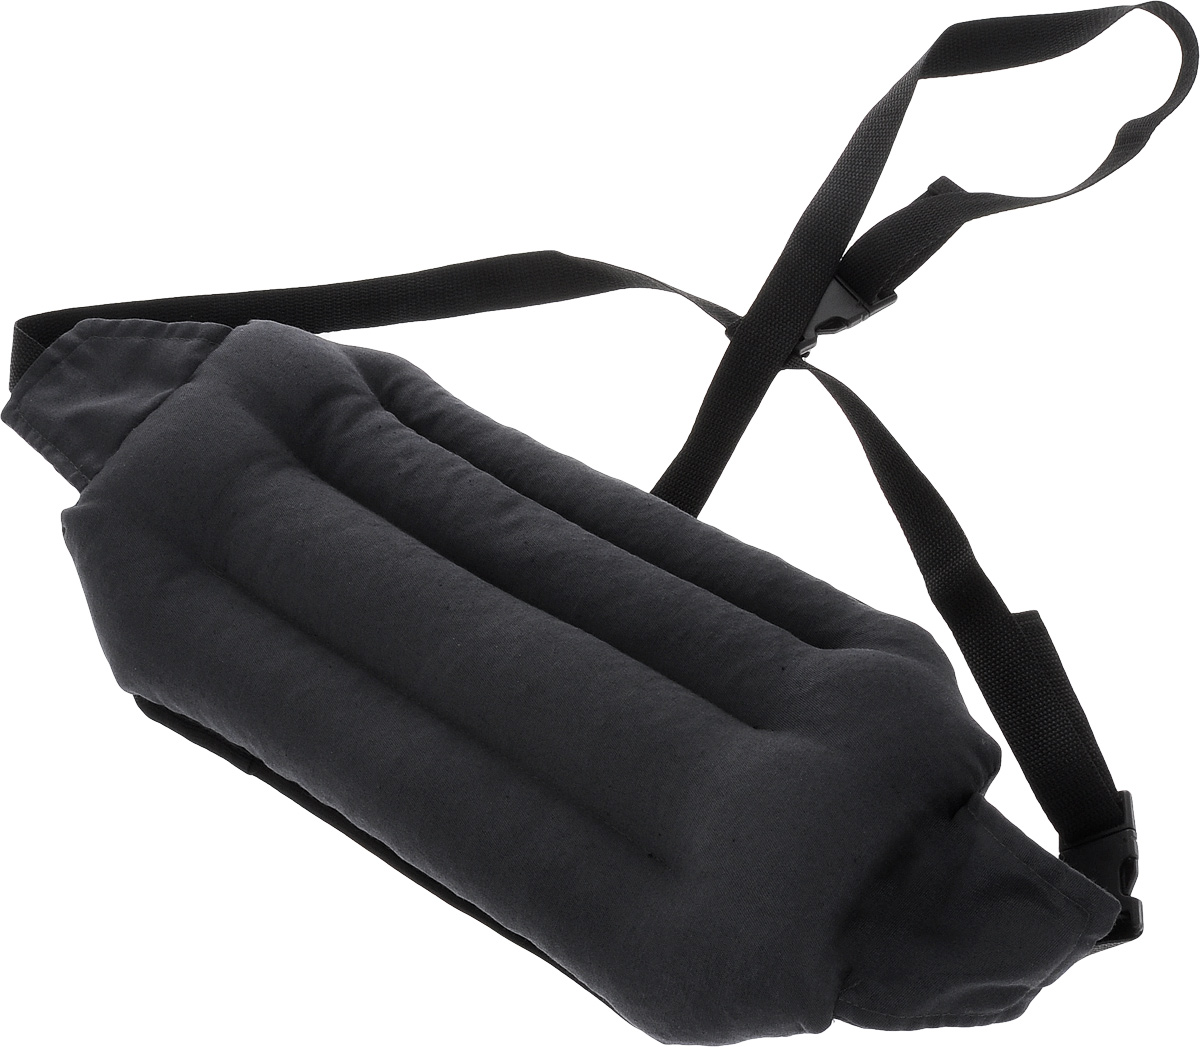 Подушка под спину Smart Textile Офис, наполнитель: лузга гречихи, 40 х 20 см подушка под спину smart textile дальнобойщик арт t311 серый